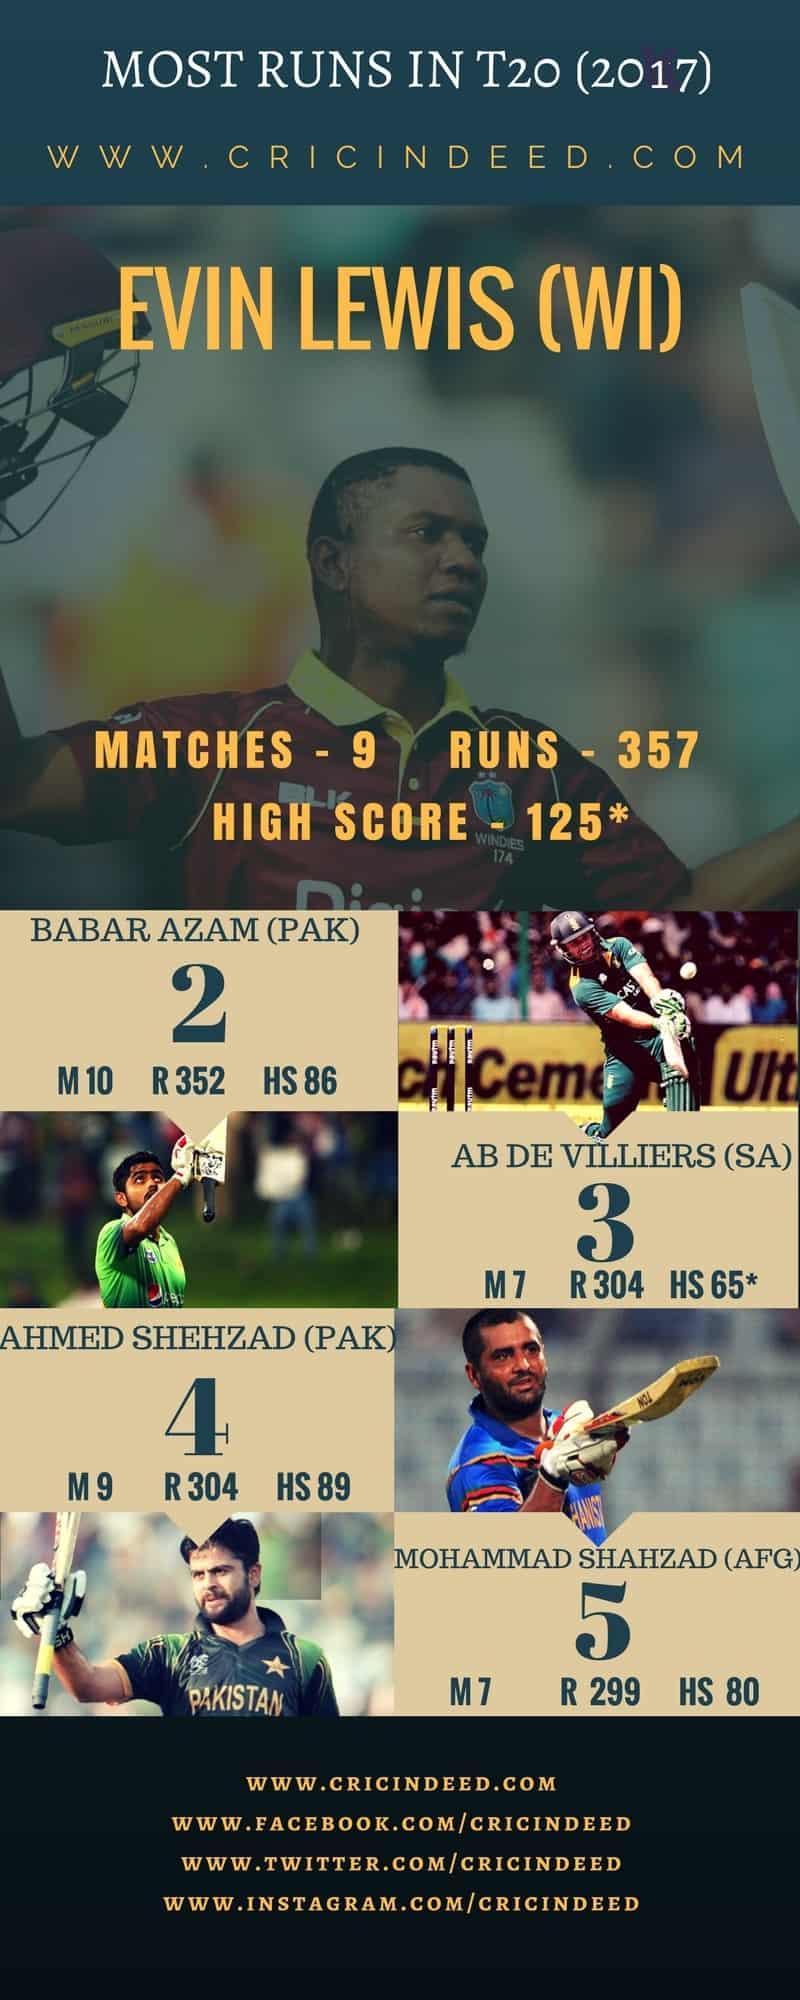 MOST RUNS IN T20 2017